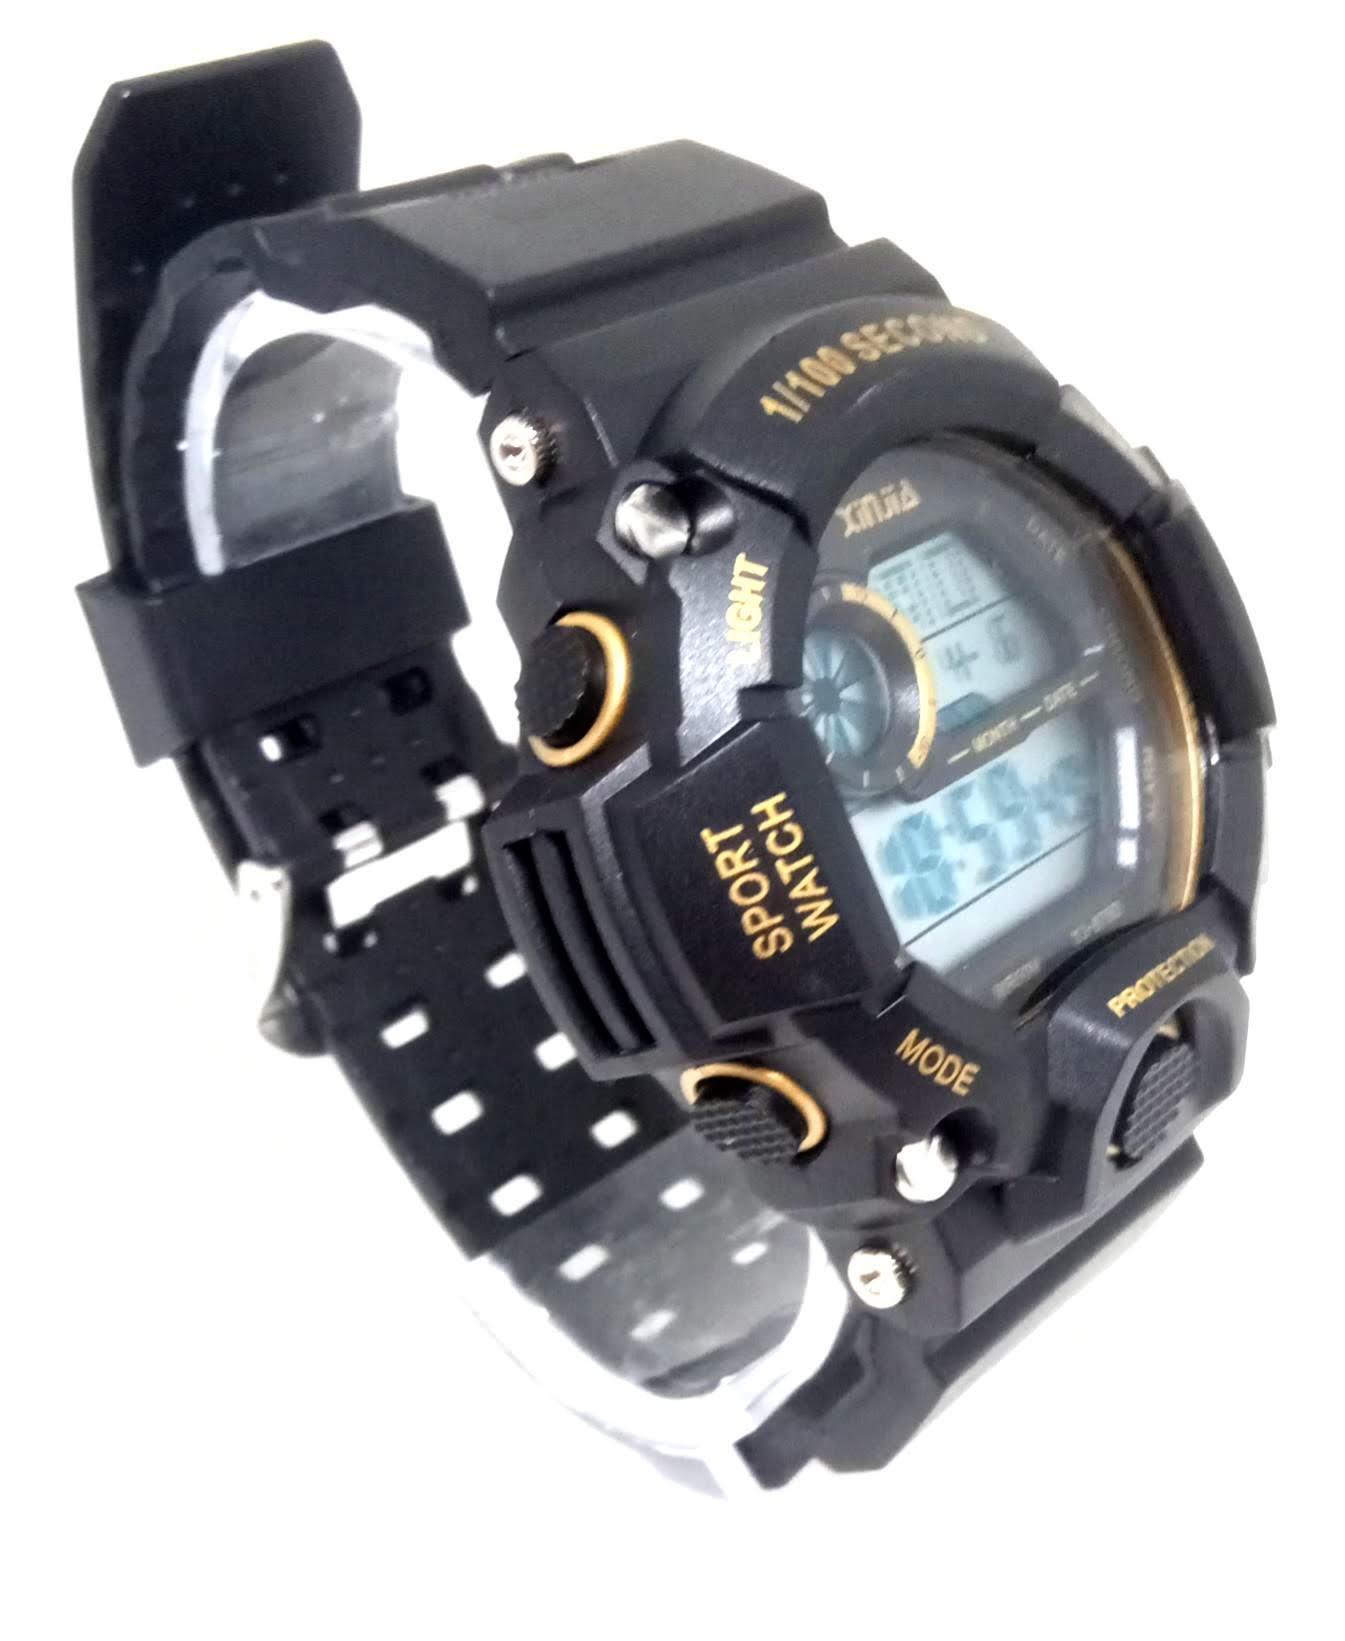 Relógio Masculino Digital A prova dagua Xinjia XJ875d